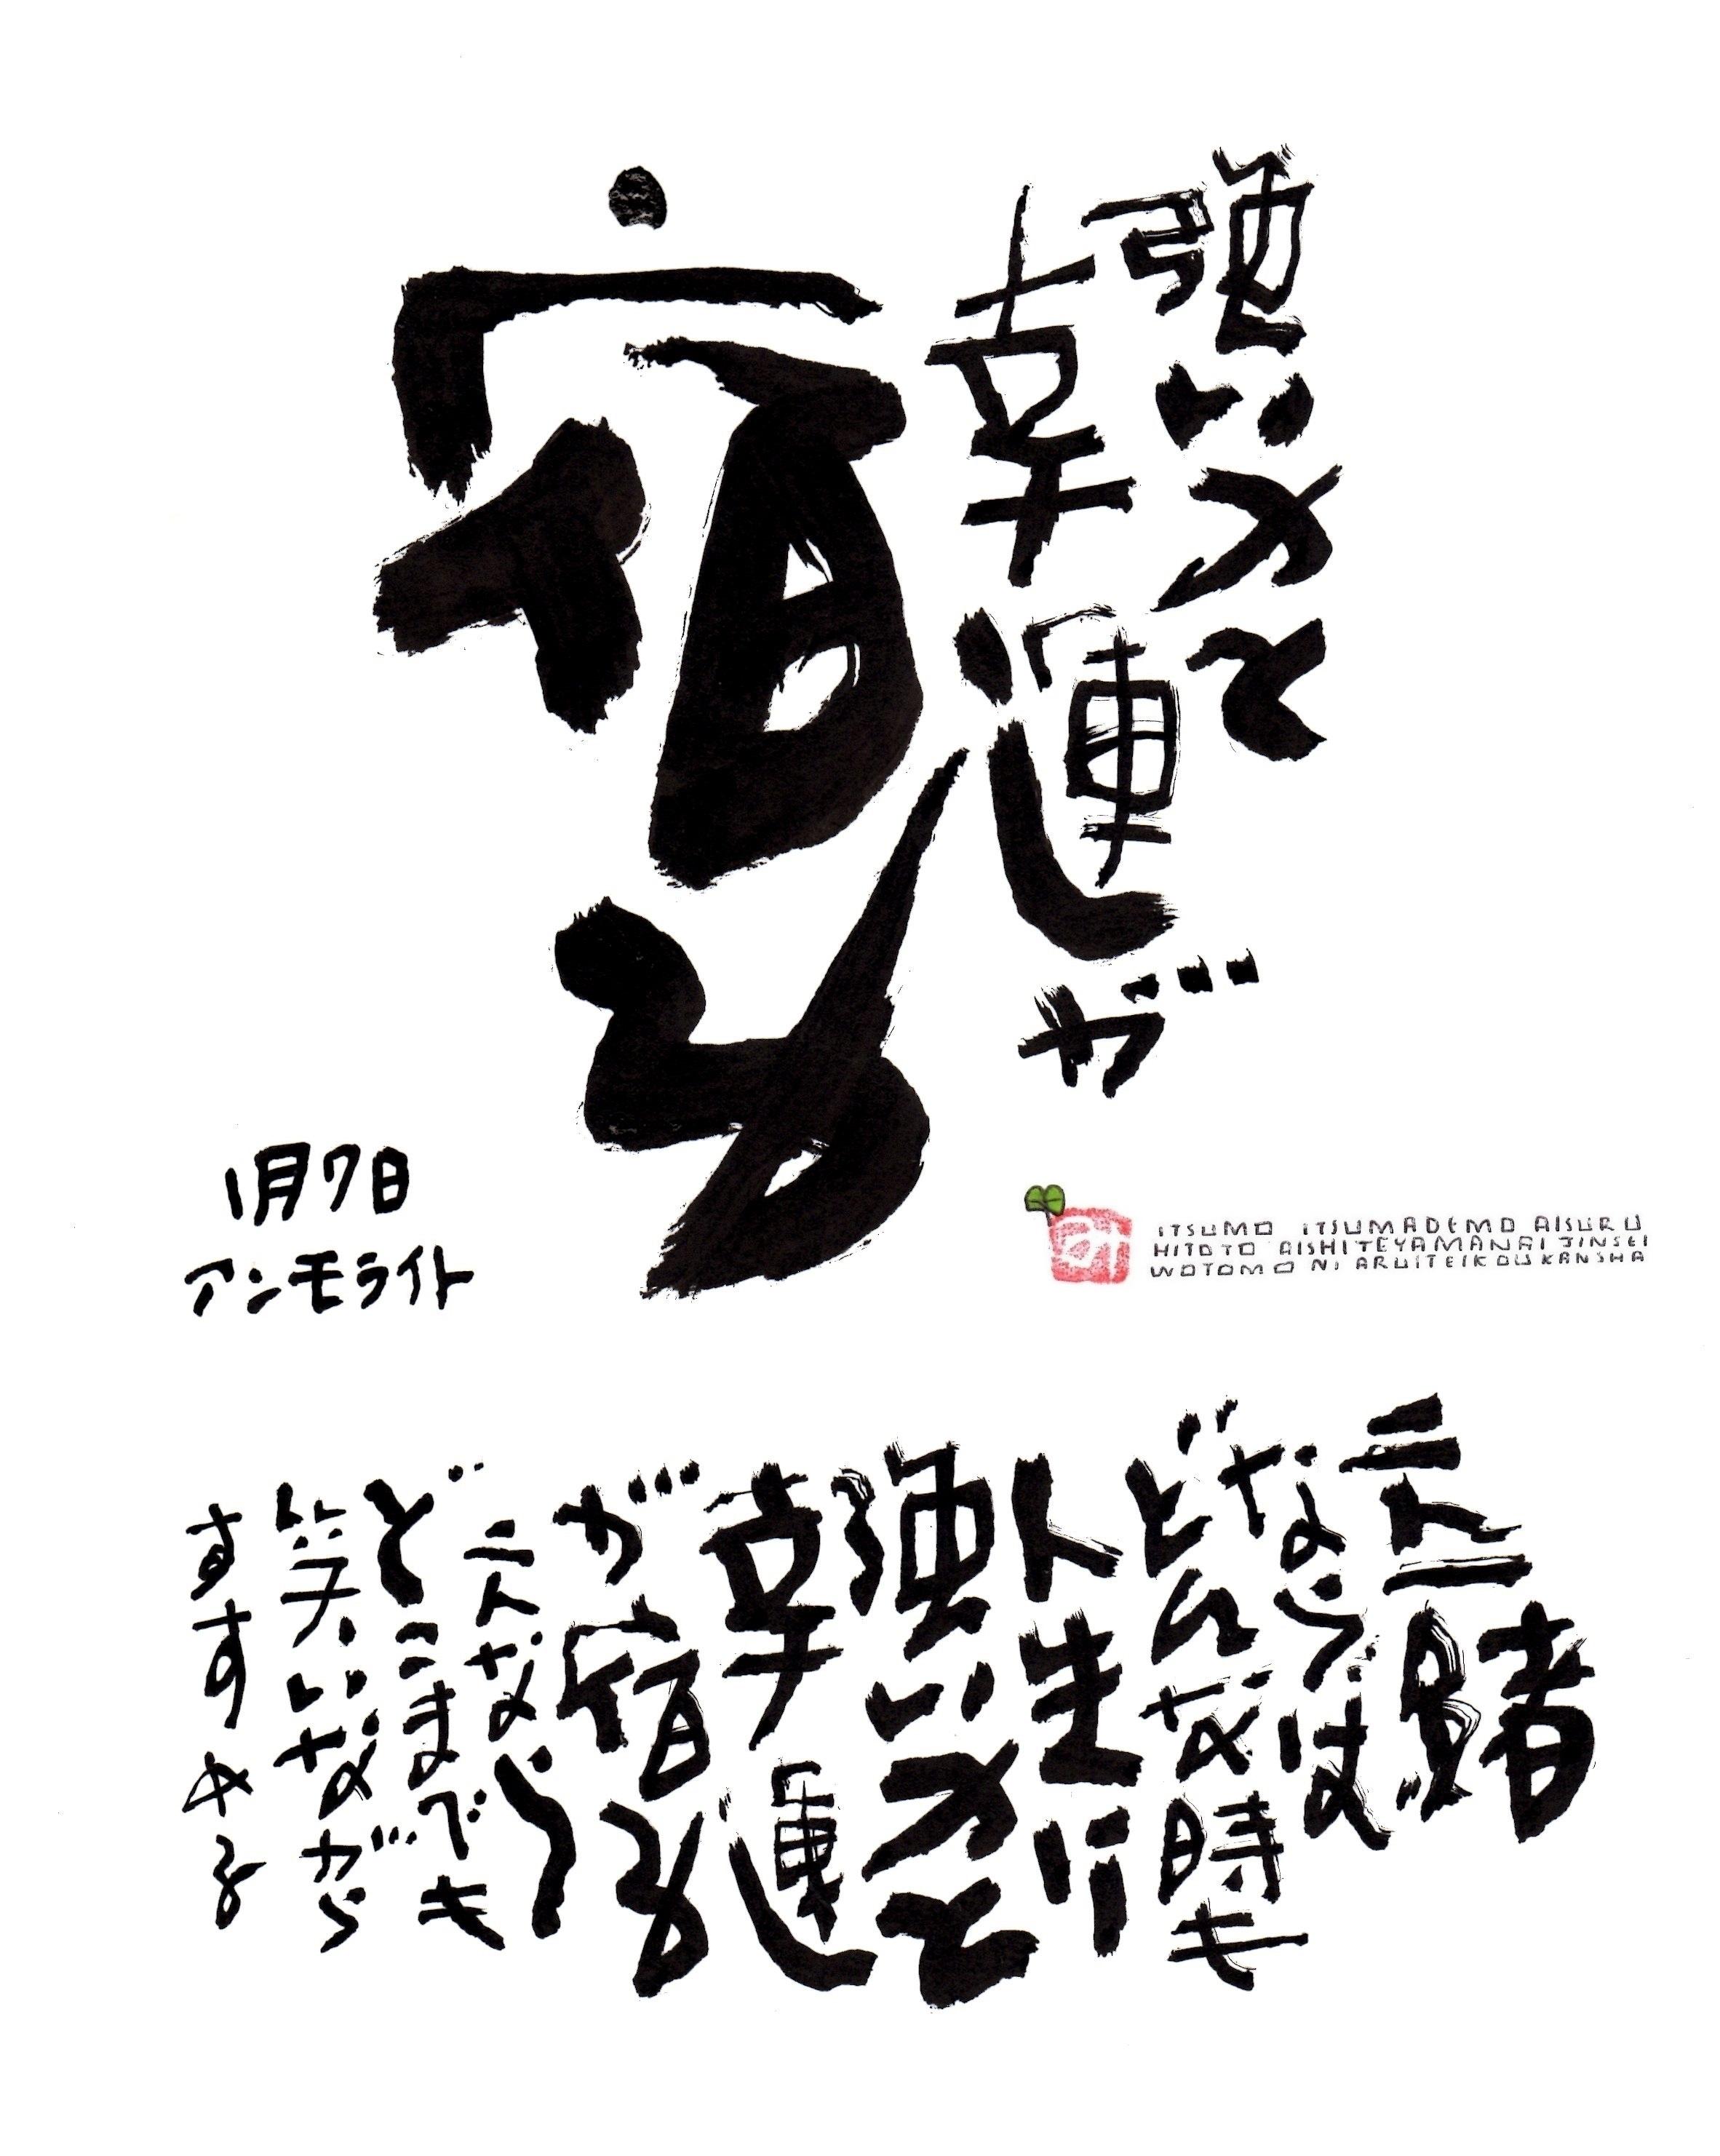 1月7日 結婚記念日ポストカード【強い力と幸運が宿る】